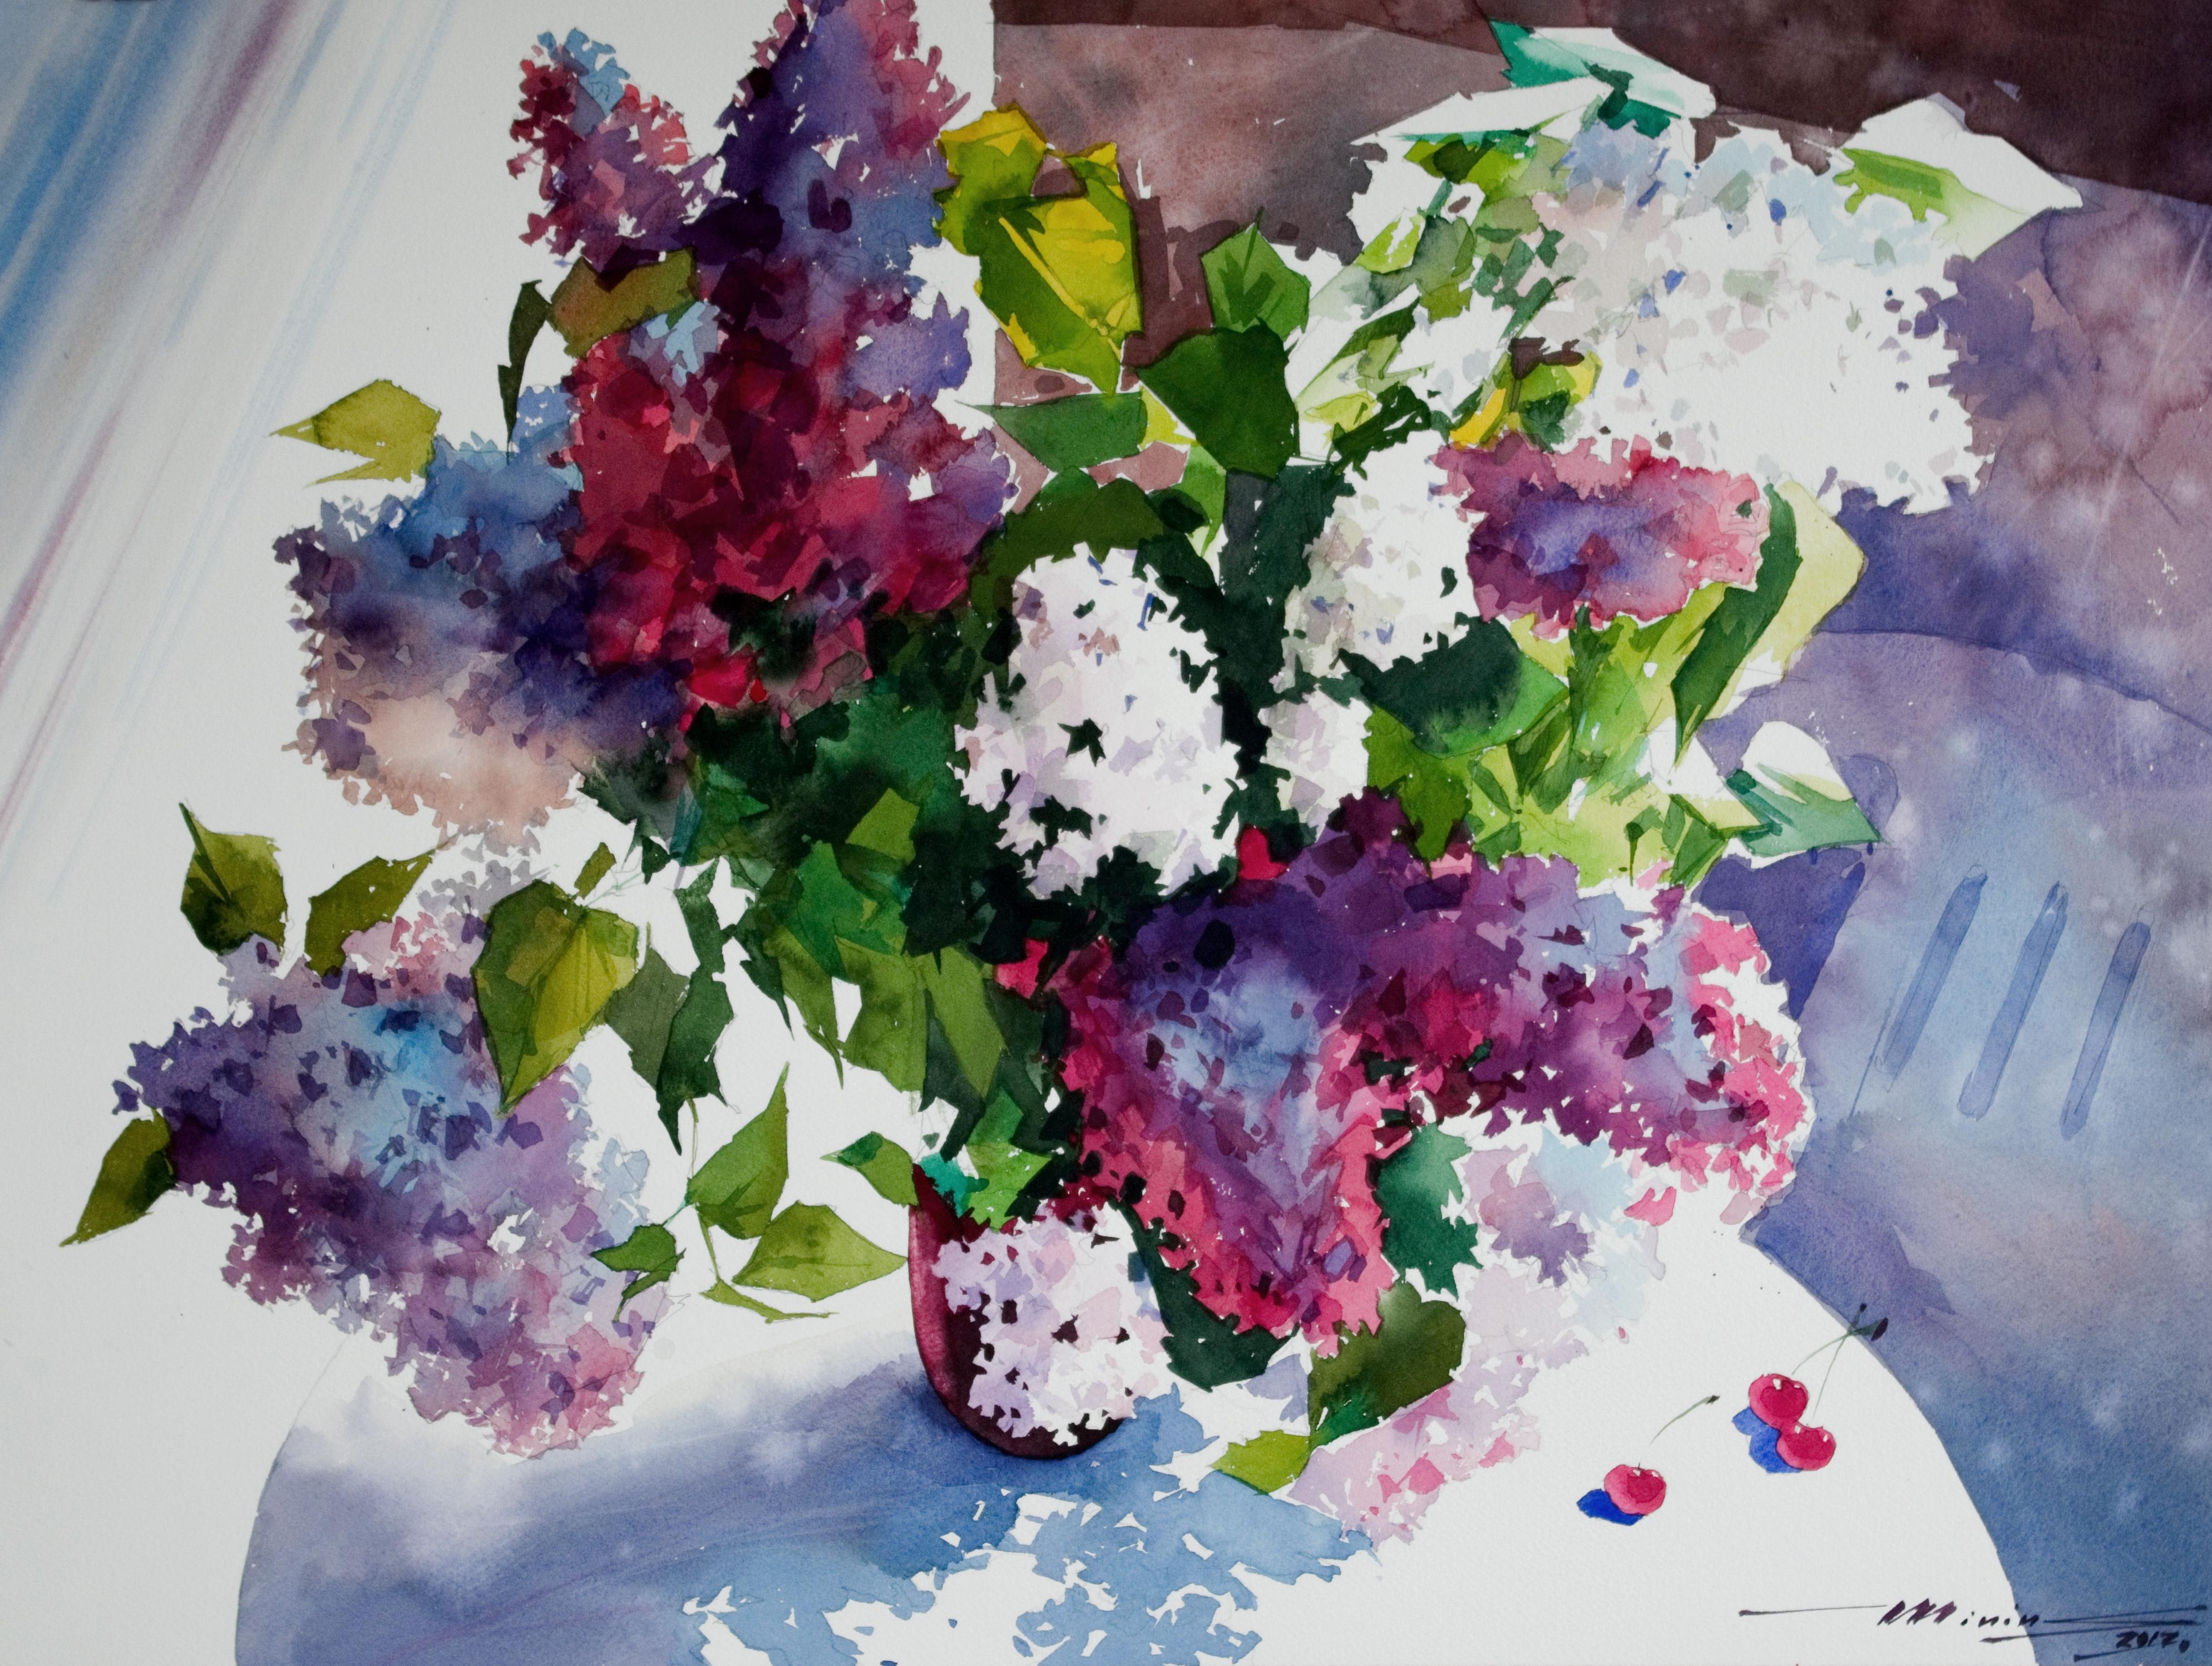 Lilac by Sergei Minin in Lady Ju Gallery